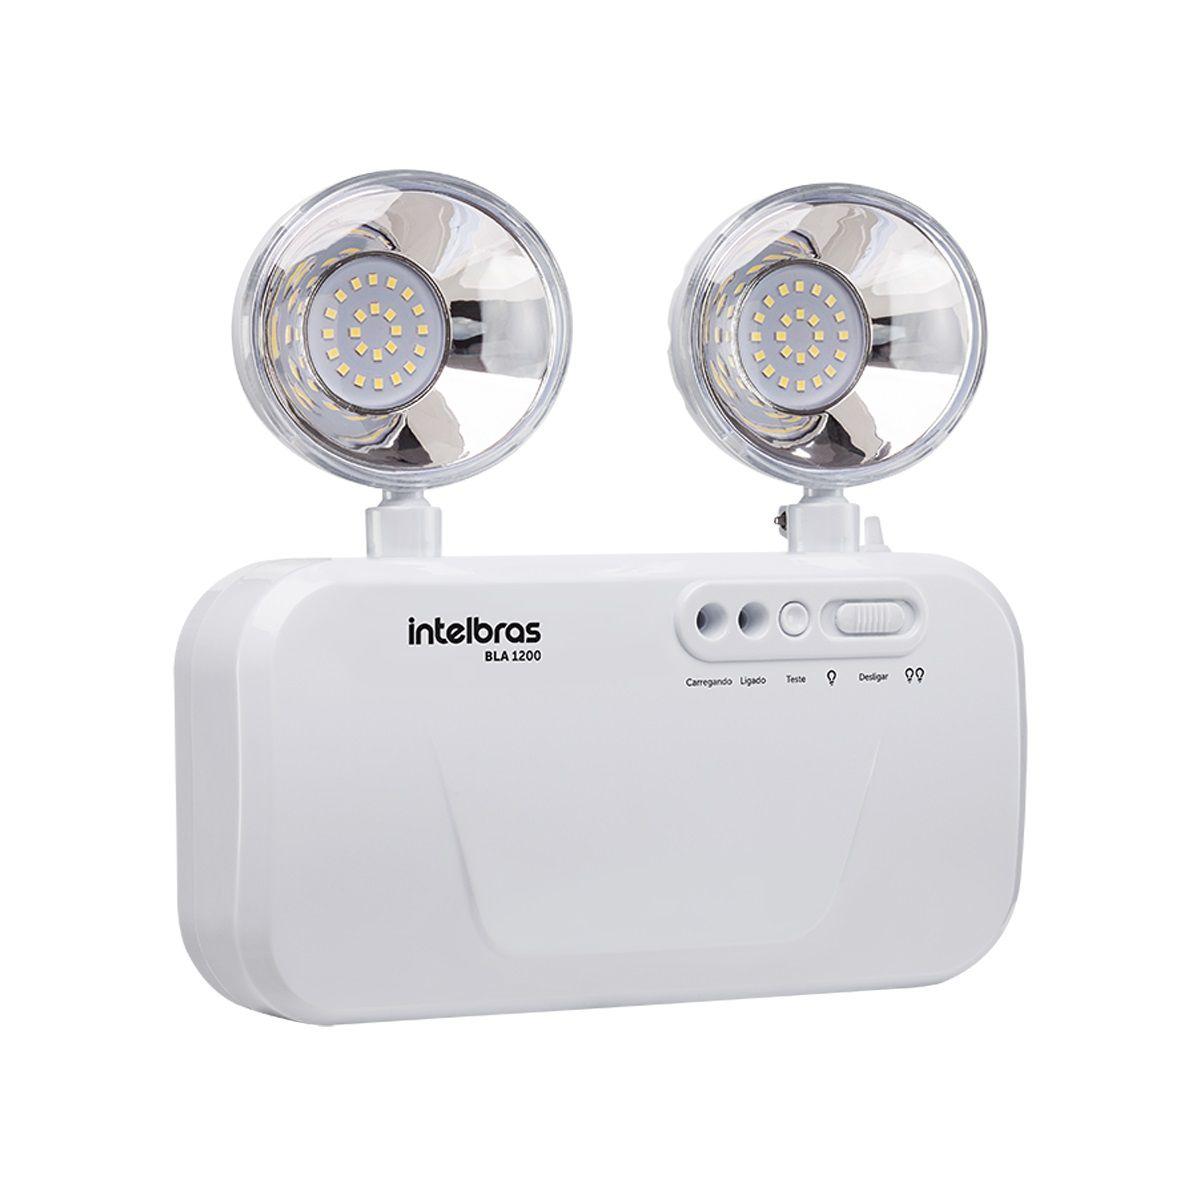 Bloco de Iluminação de Emergência c/ 2 Faróis LED 1200 Lúmens BLA 1200 - Intelbras (Bivolt)